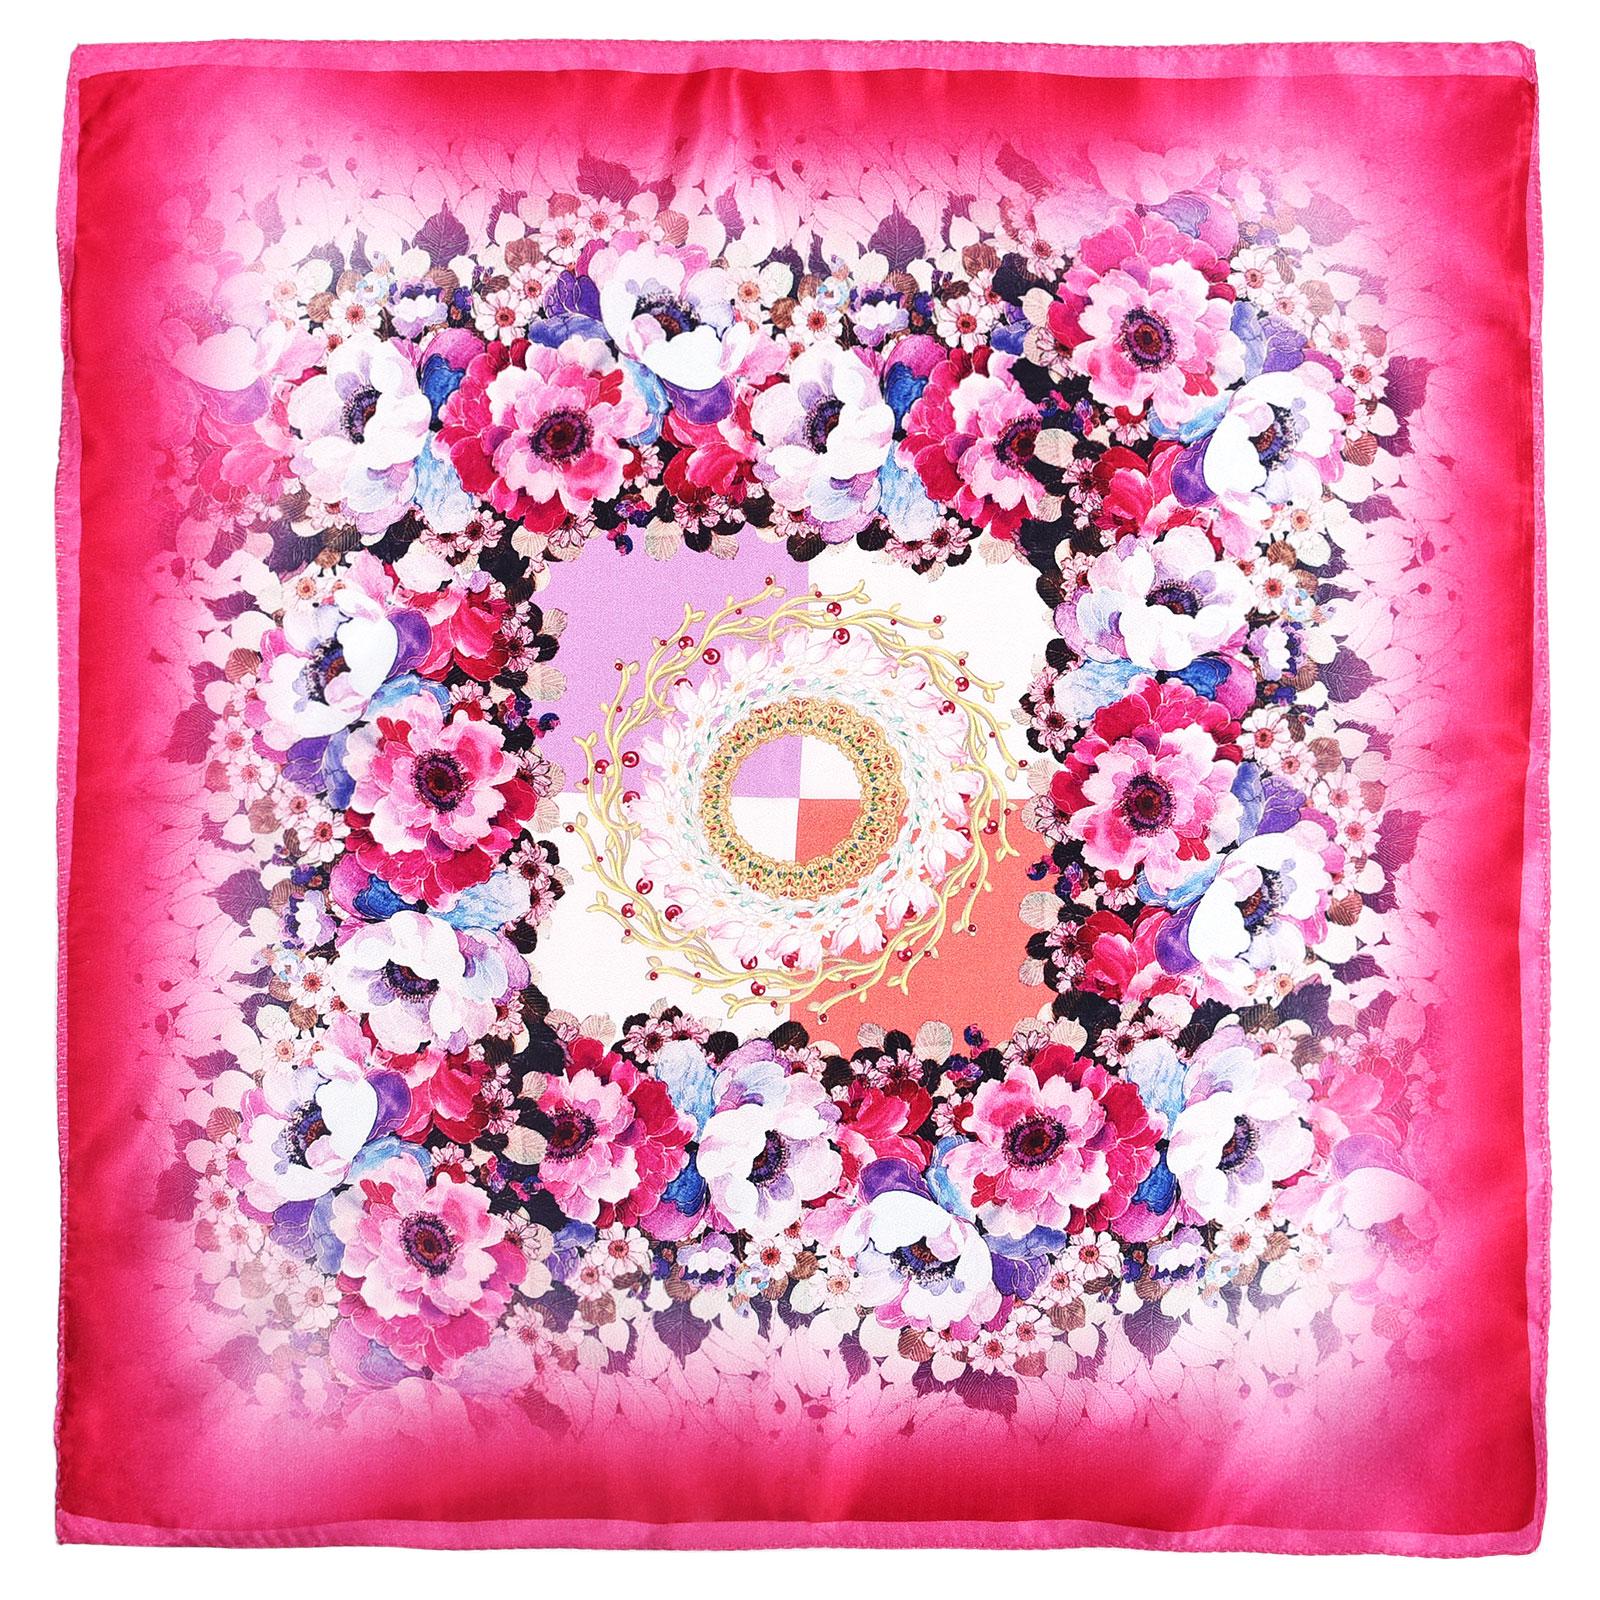 AT-04439-A16-carre-de-soie-oeillets-rose